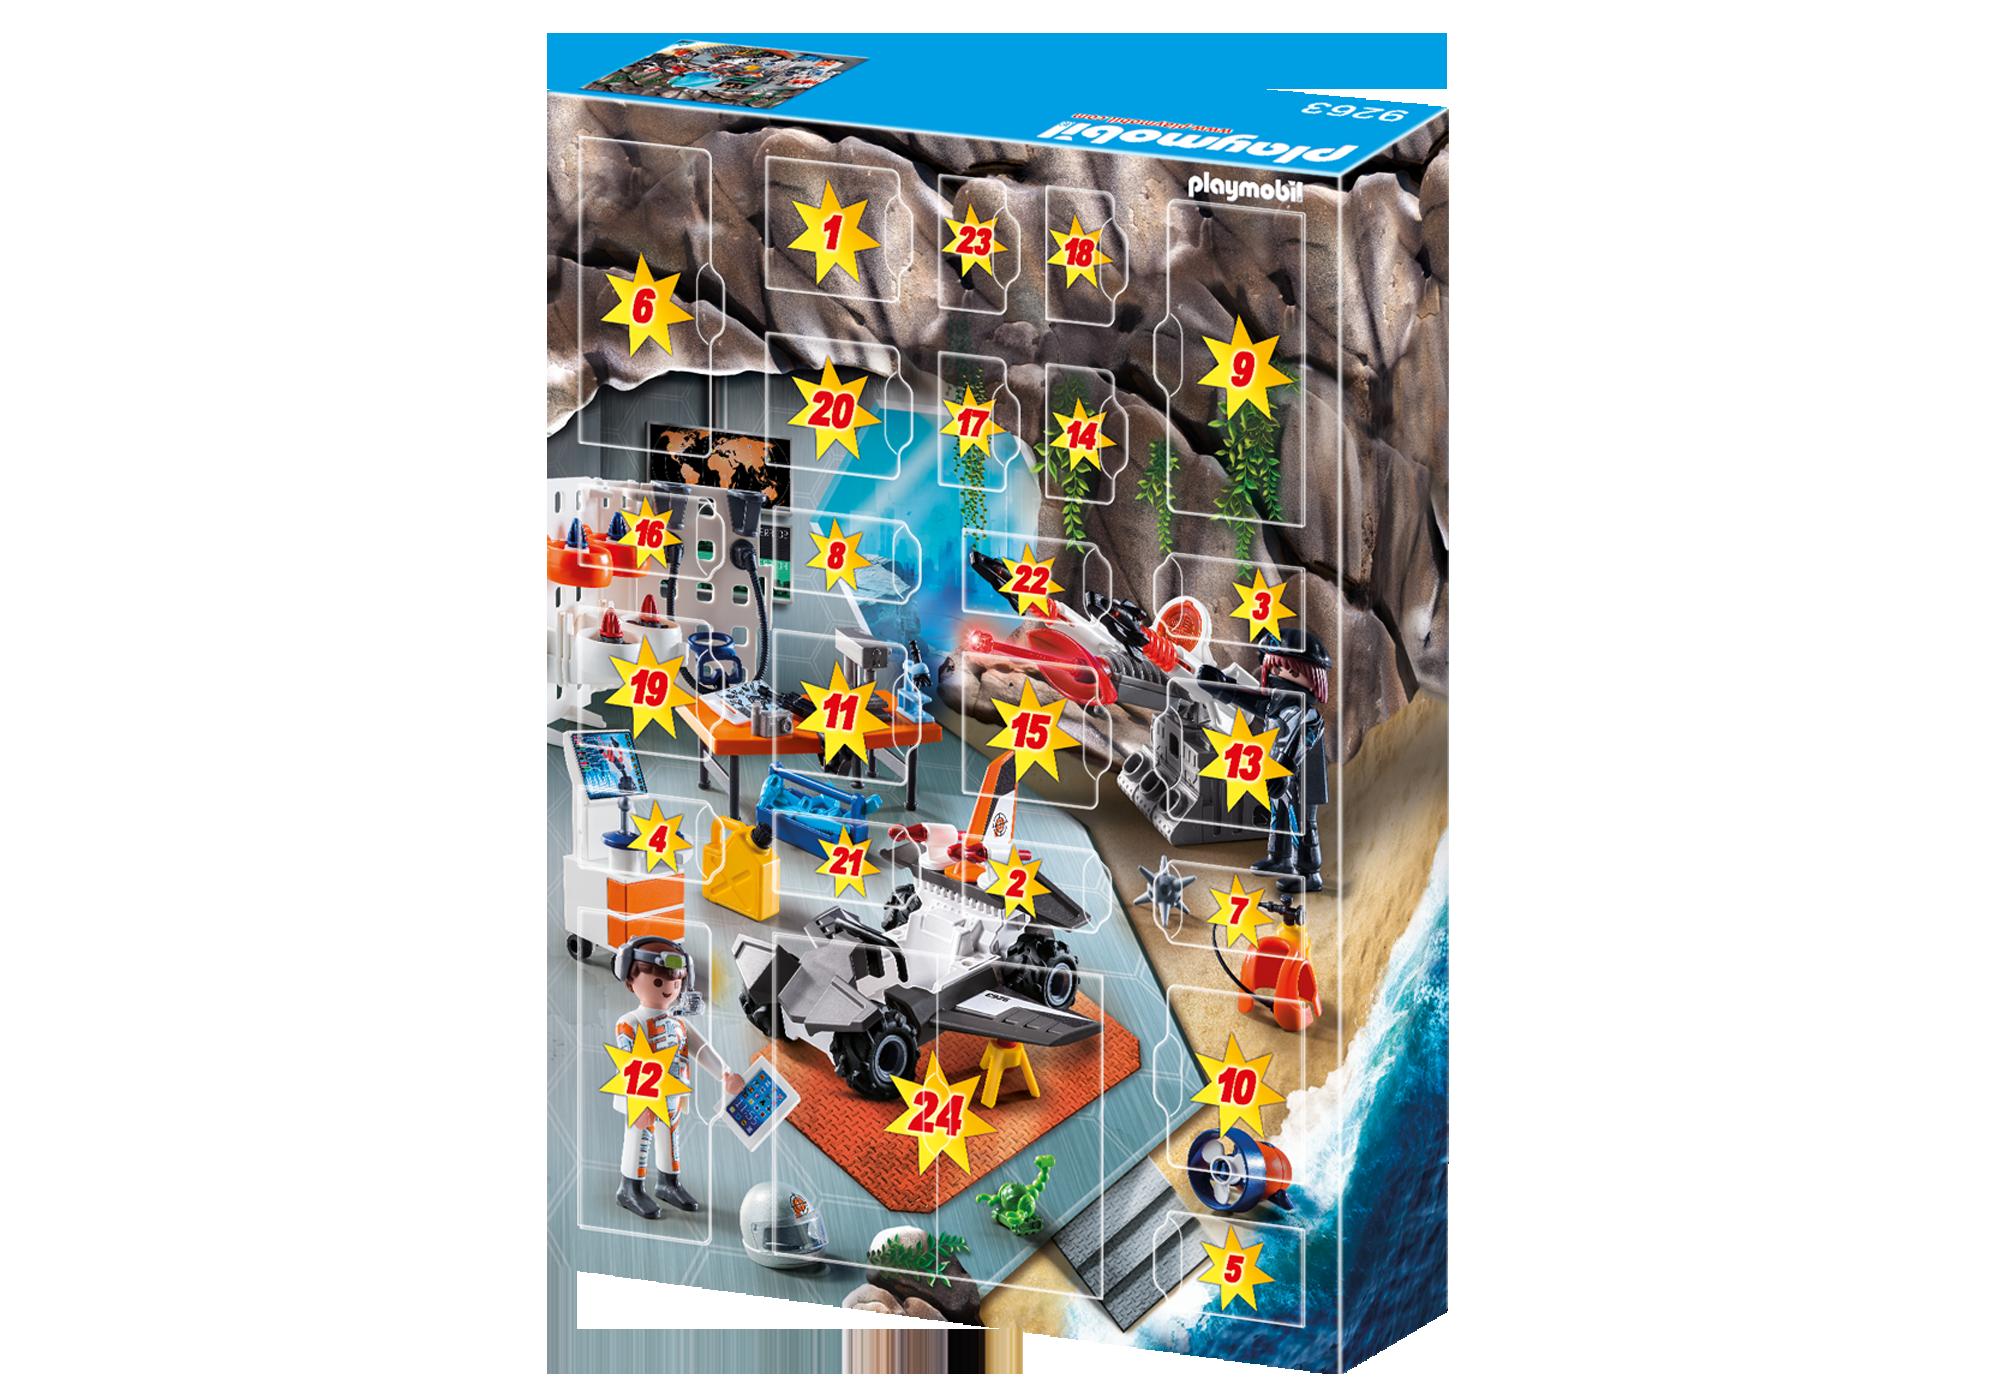 """http://media.playmobil.com/i/playmobil/9263_product_extra2/Calendario de Adviento """"Agentes"""""""